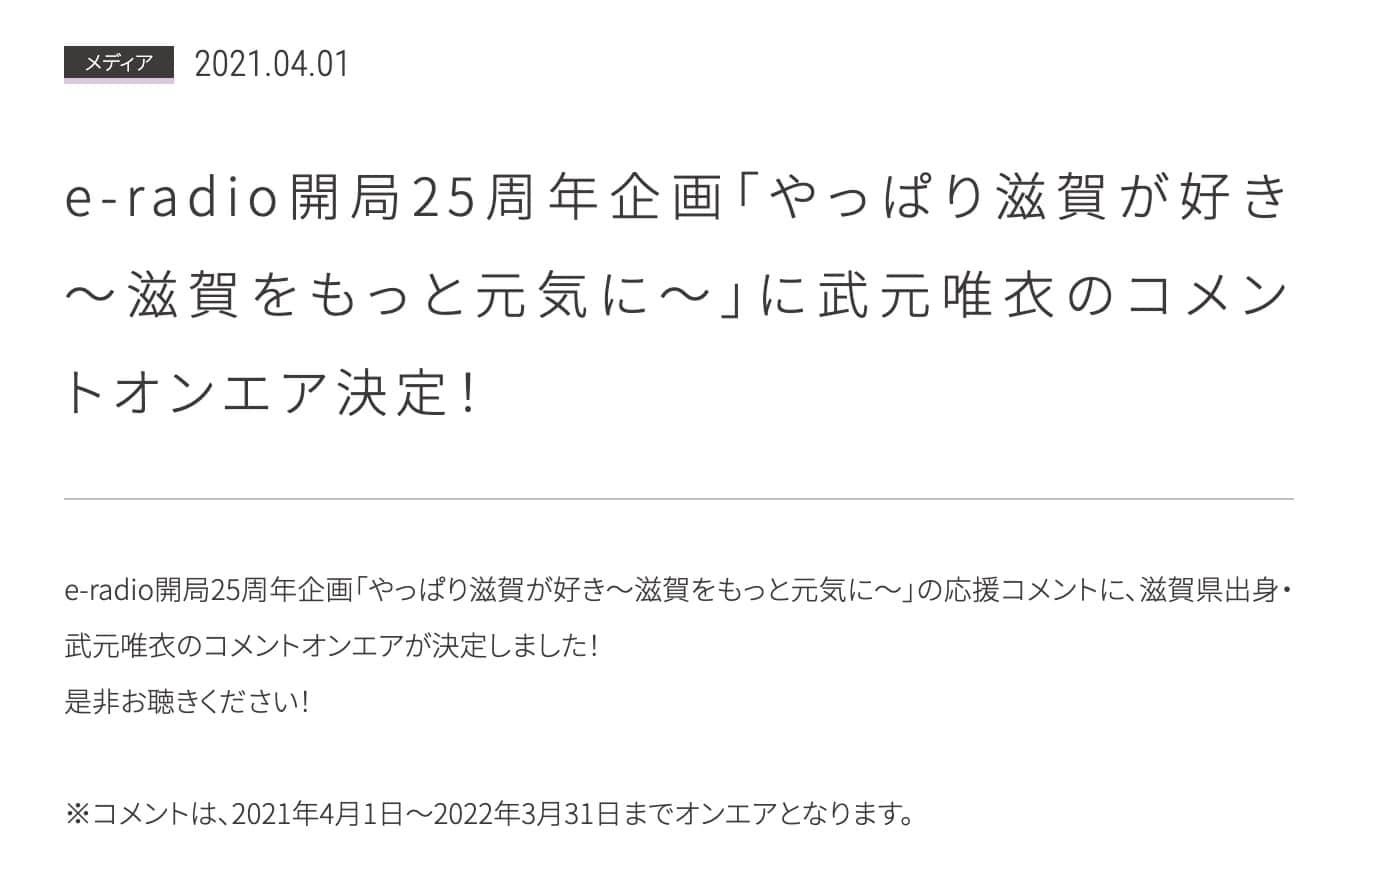 image 2021-04-01 12.13.22